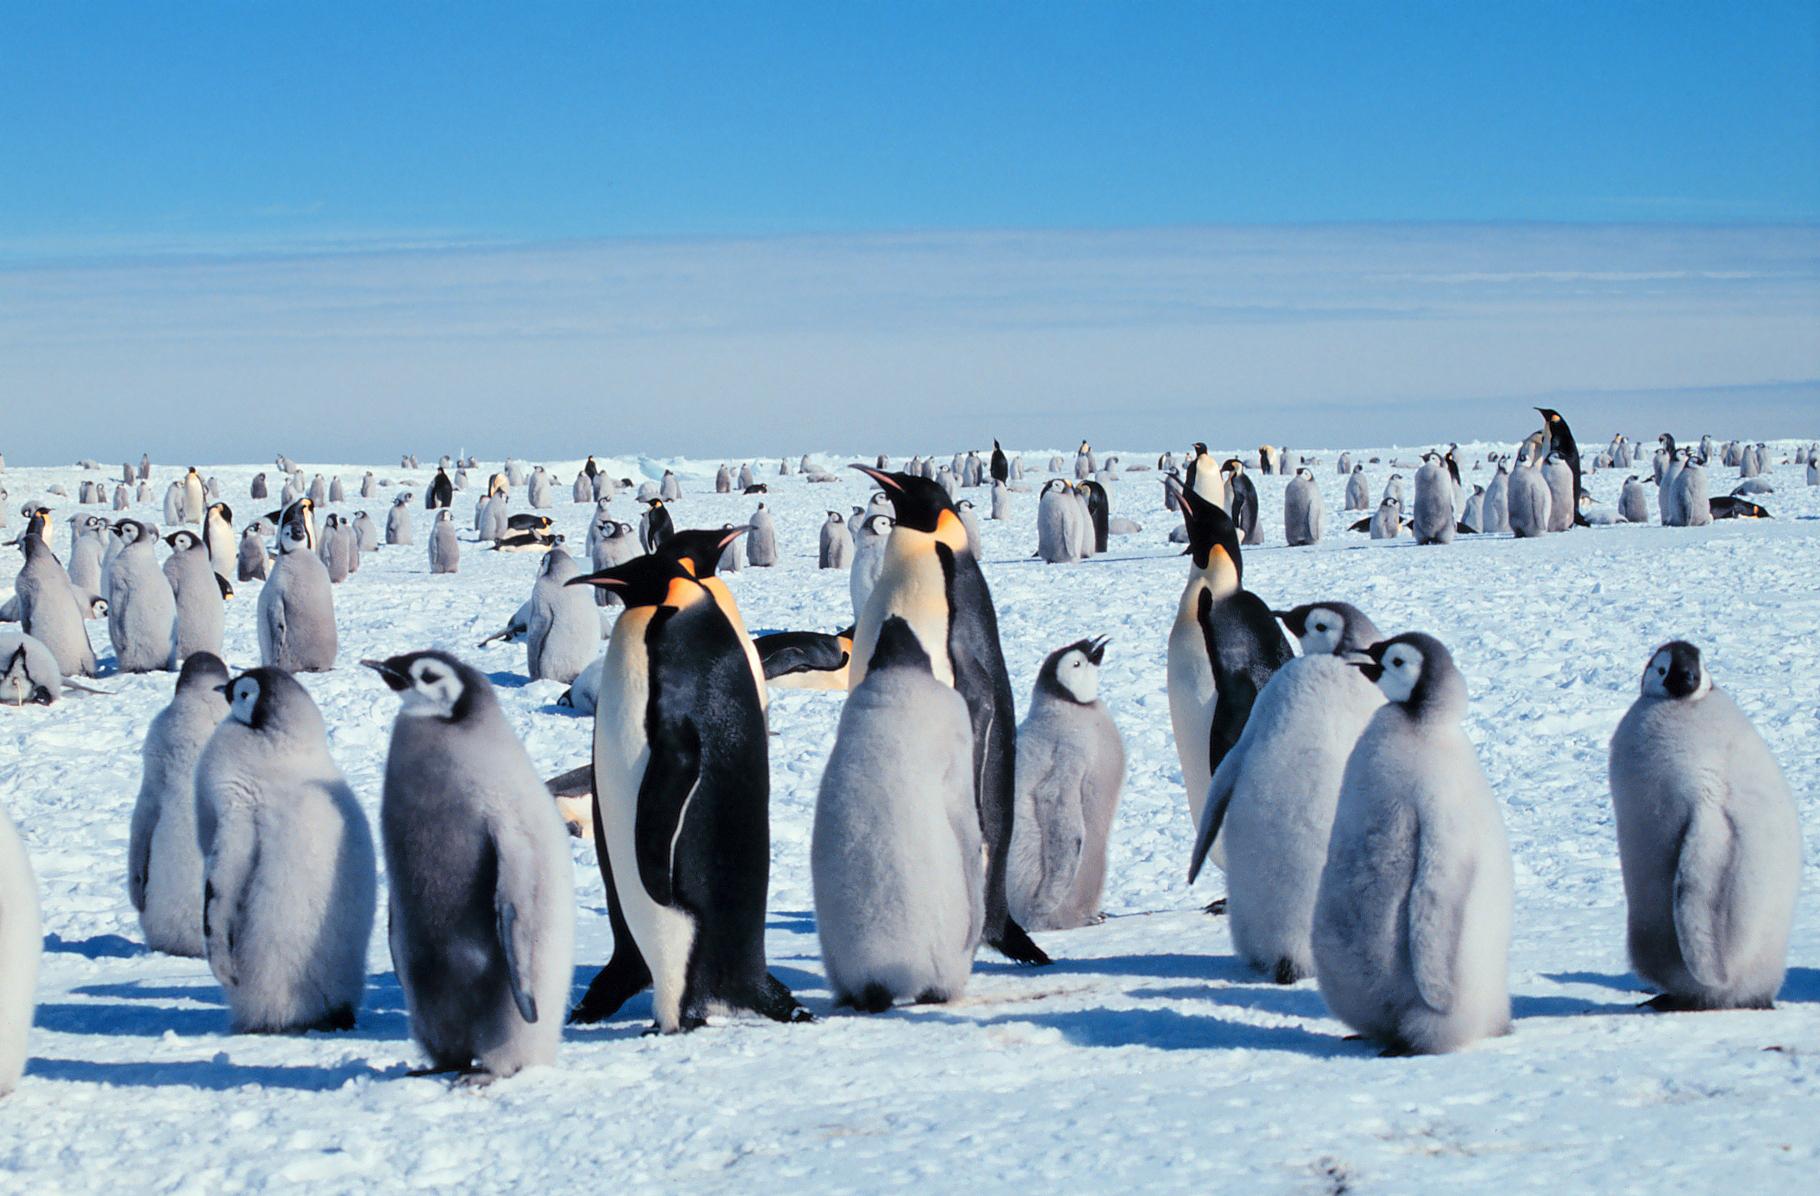 الحياة البرية في القارة القطبية الجنوبية ويكيبيديا